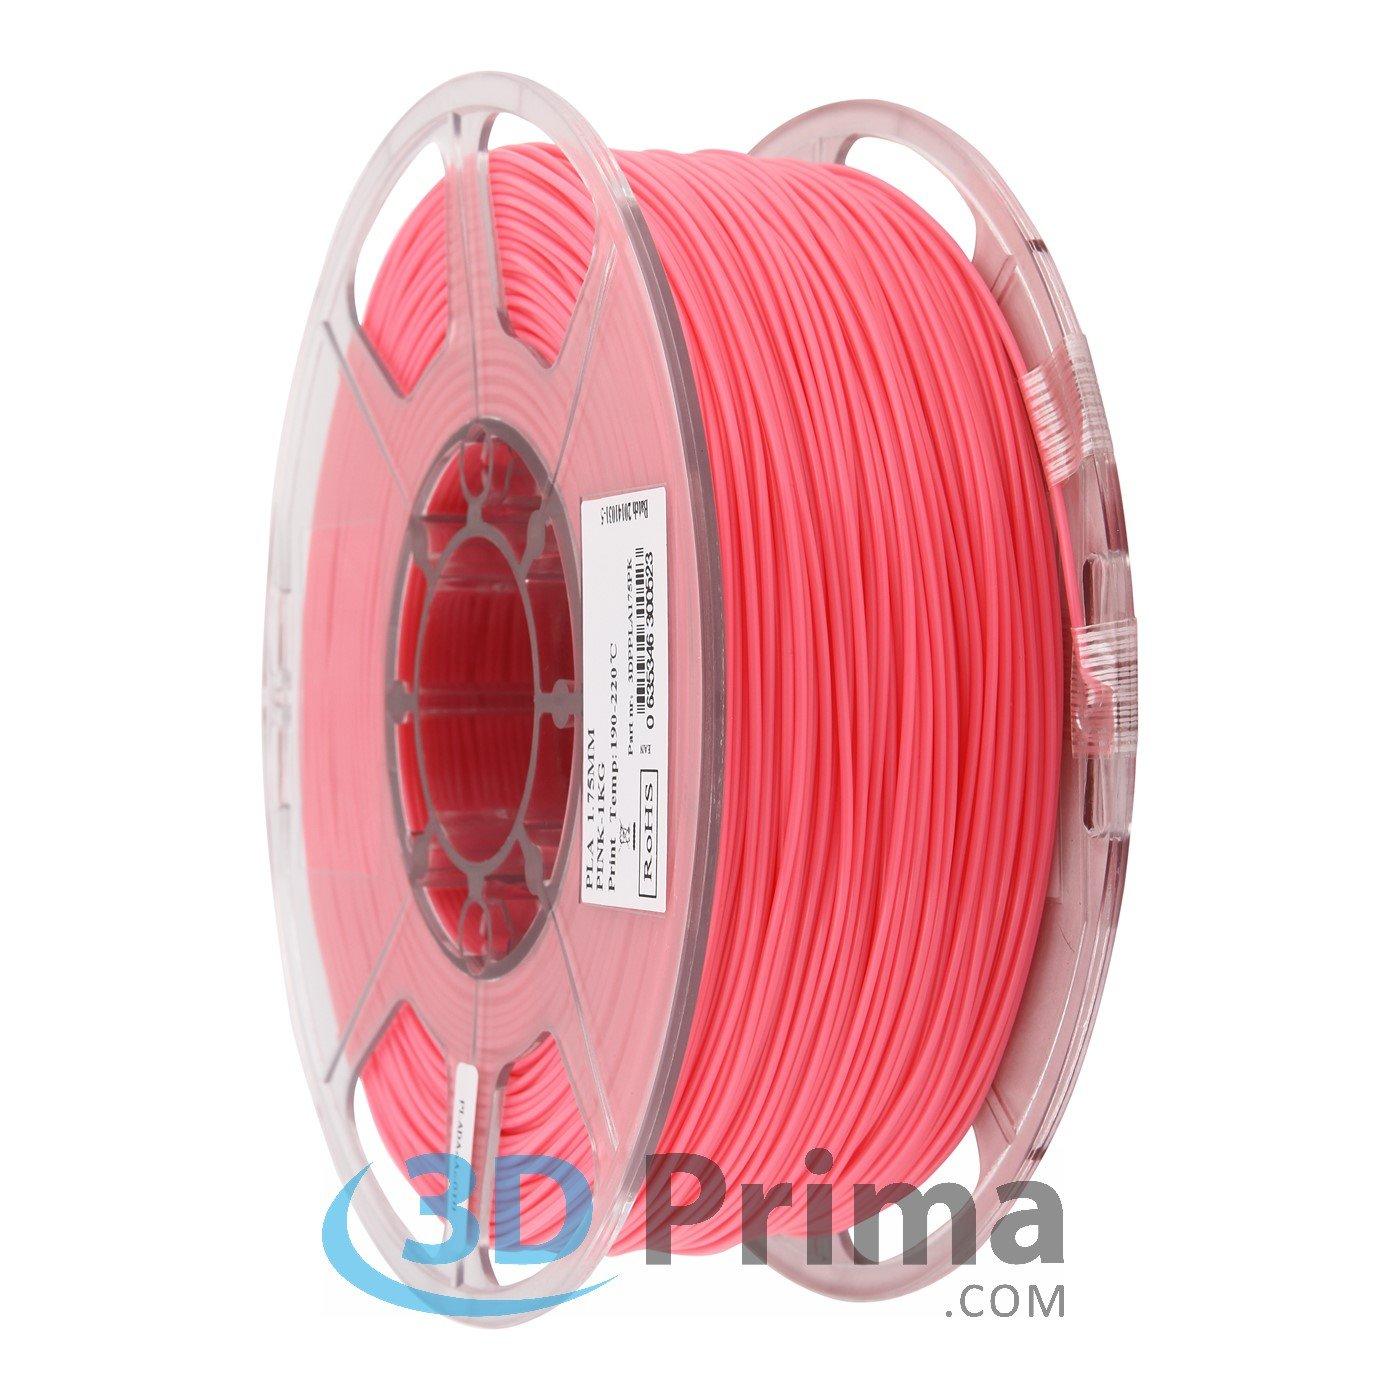 PrimaPLA™ Filamento para Impresora 3D - PLA - 1.75mm - 1 kg Bobina ...